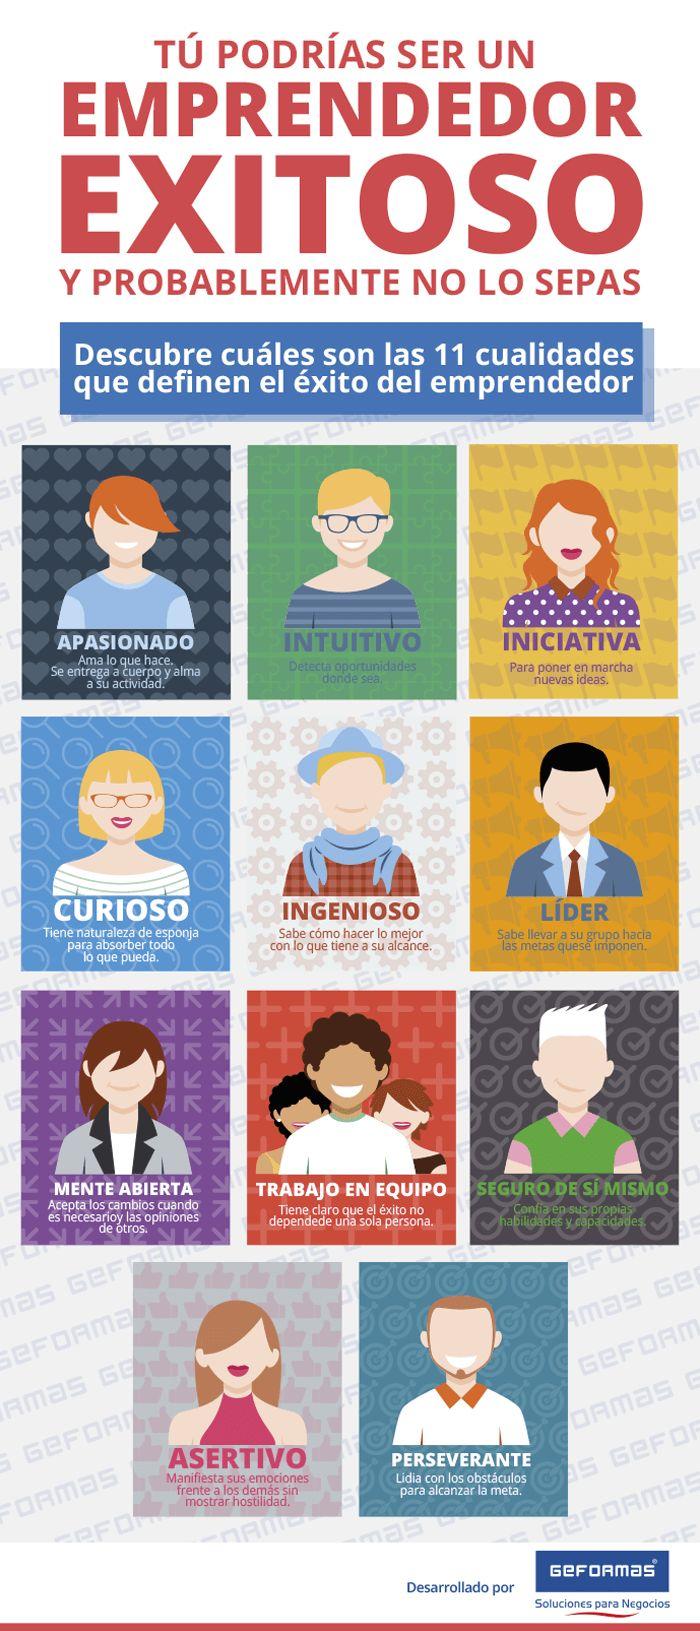 ¿Qué características definen al emprendedor exitoso? Aunque cada persona es único, hay ciertas características que comparten los empresarios. ¿Tienes alguna o, mejor, todas?